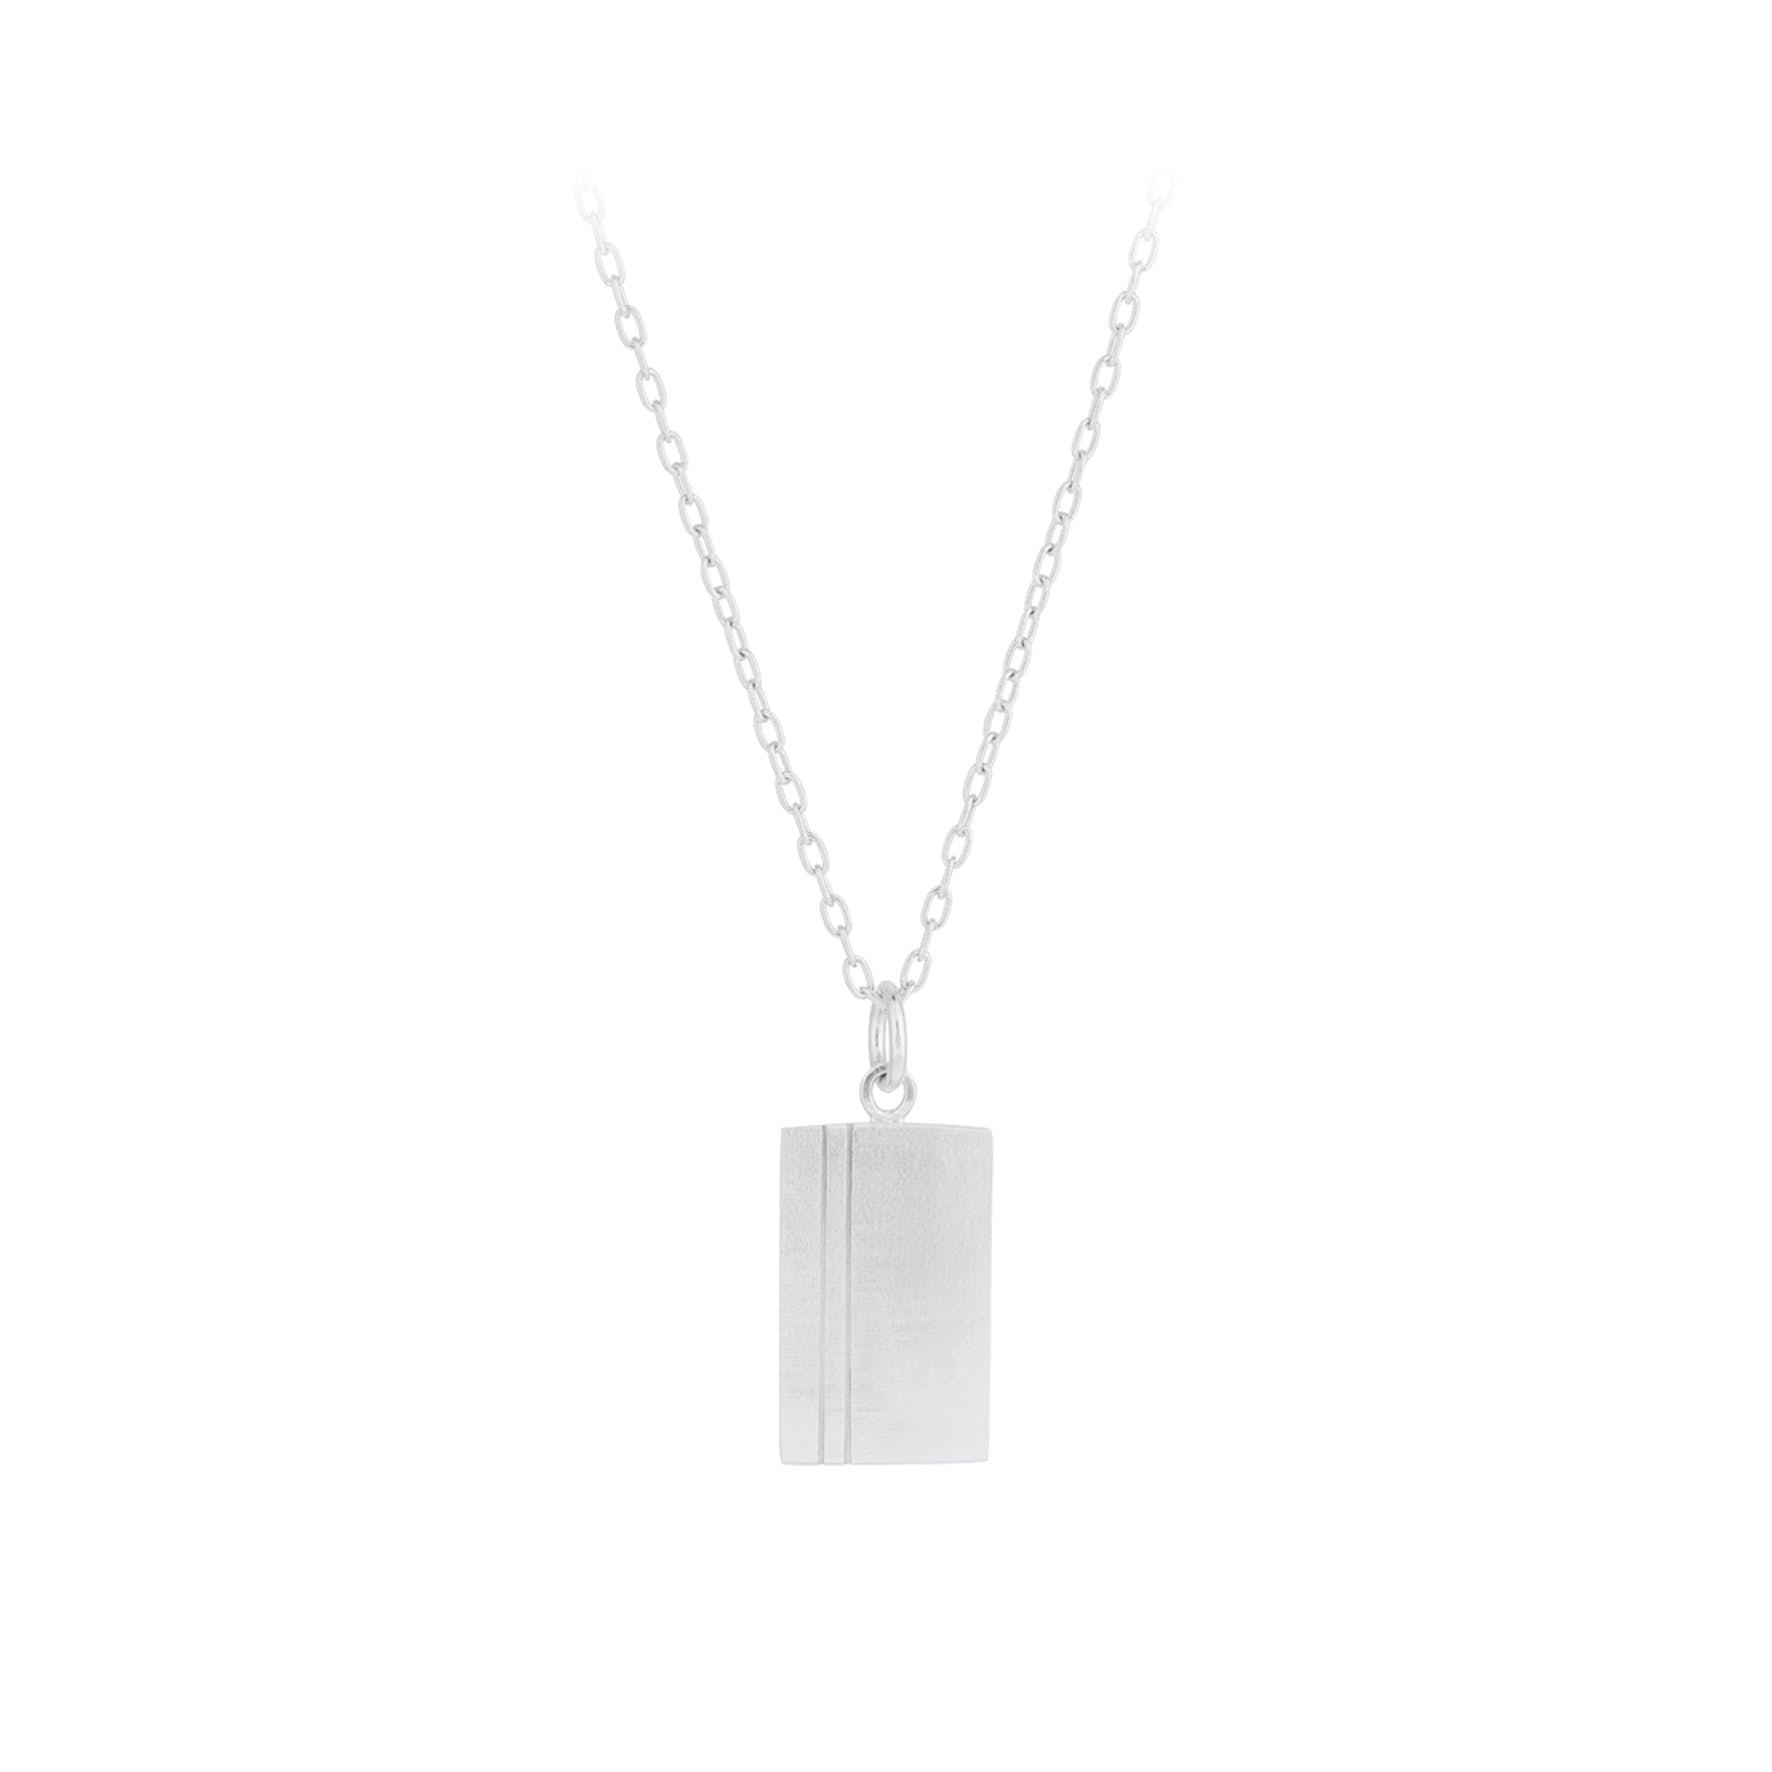 Edge Necklace fra Pernille Corydon i Sølv Sterling 925